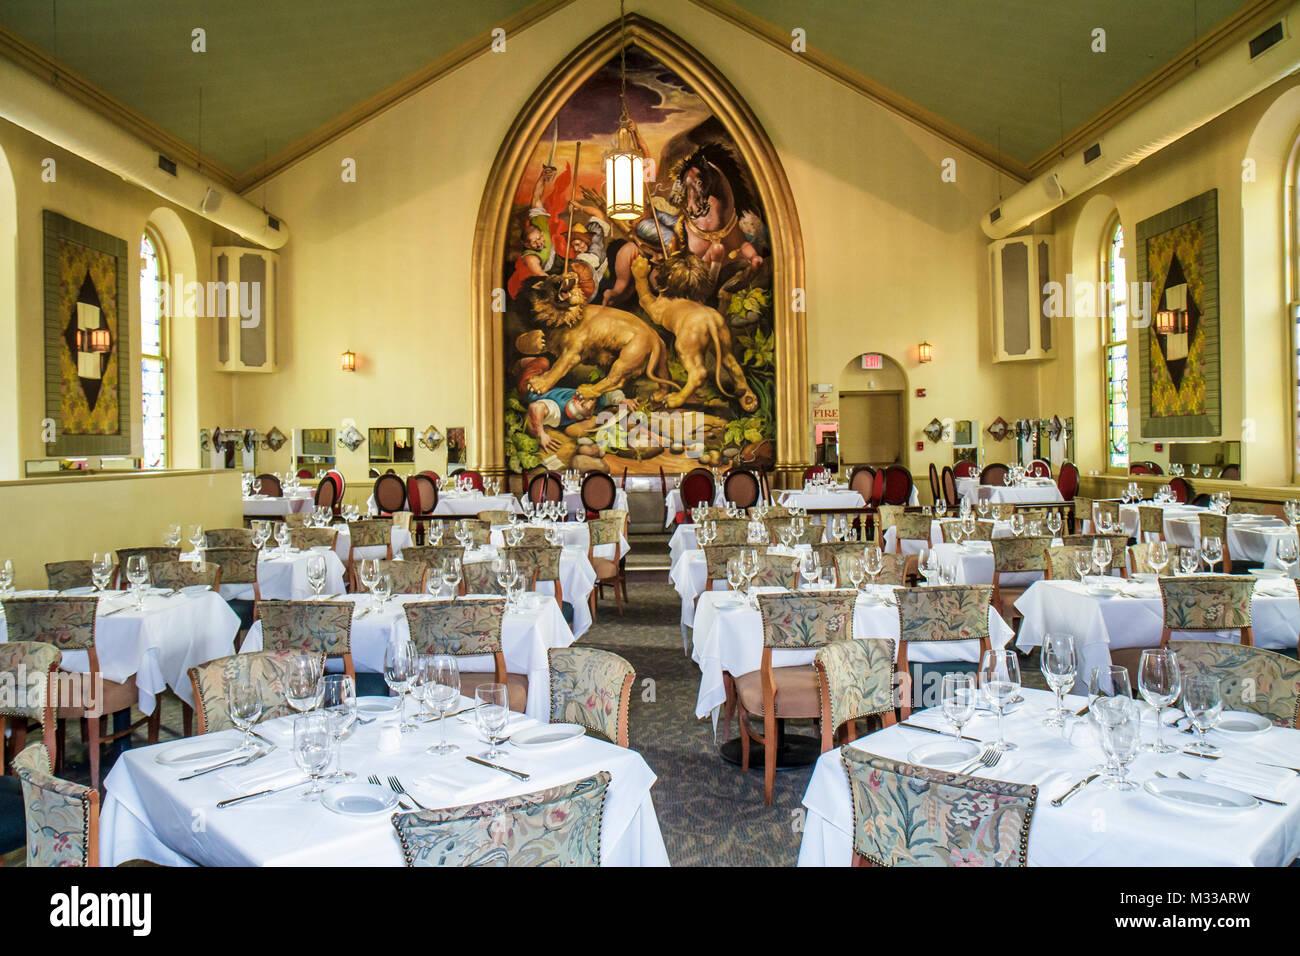 creole church photos & creole church images - alamy